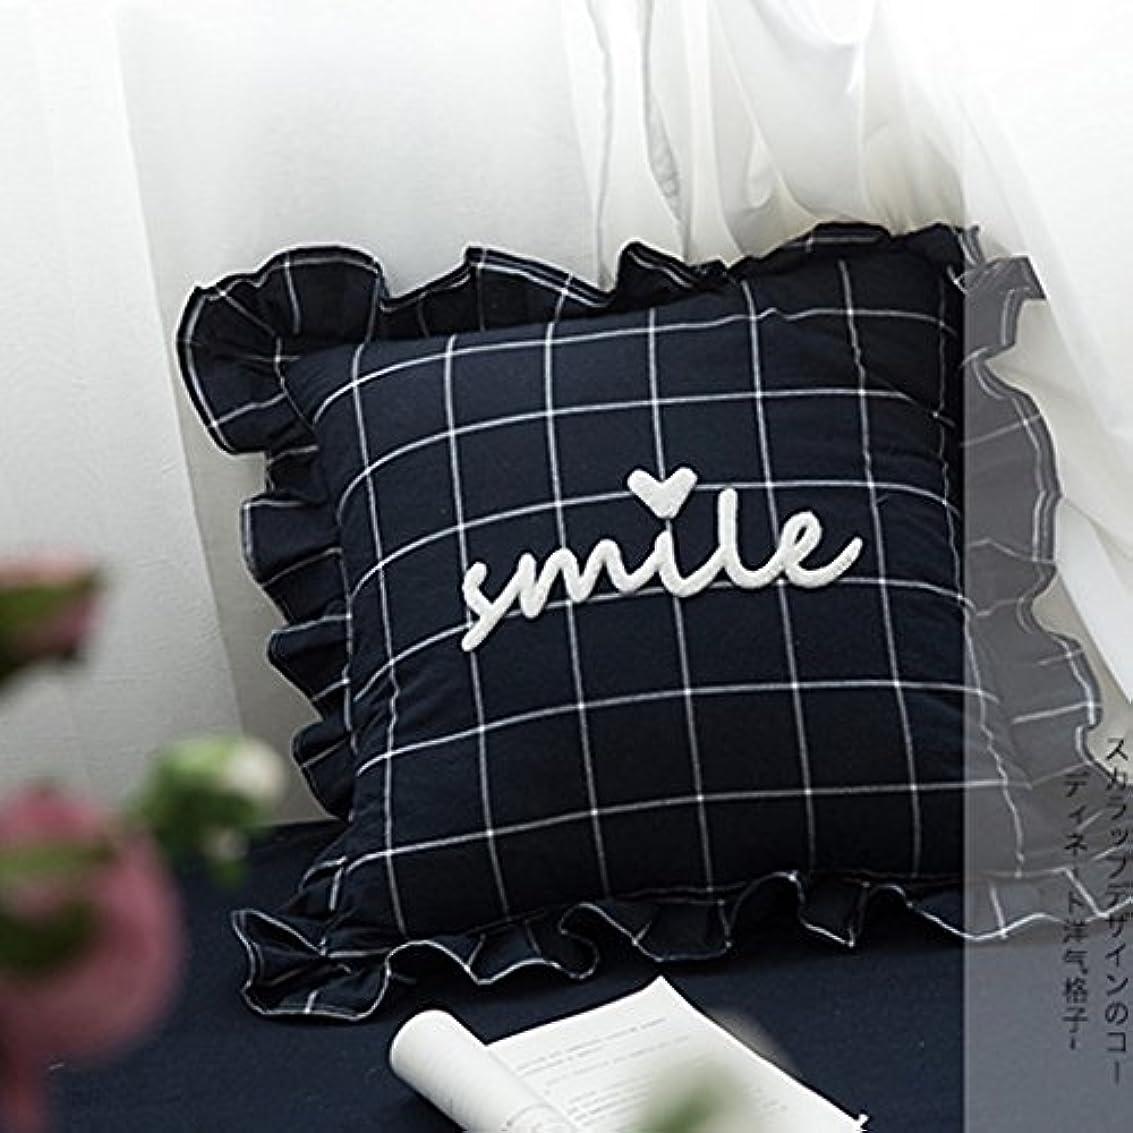 外向き臭いりソファーベッドの家の装飾のための古典的な格子縞の正方形の枕クッション - 青